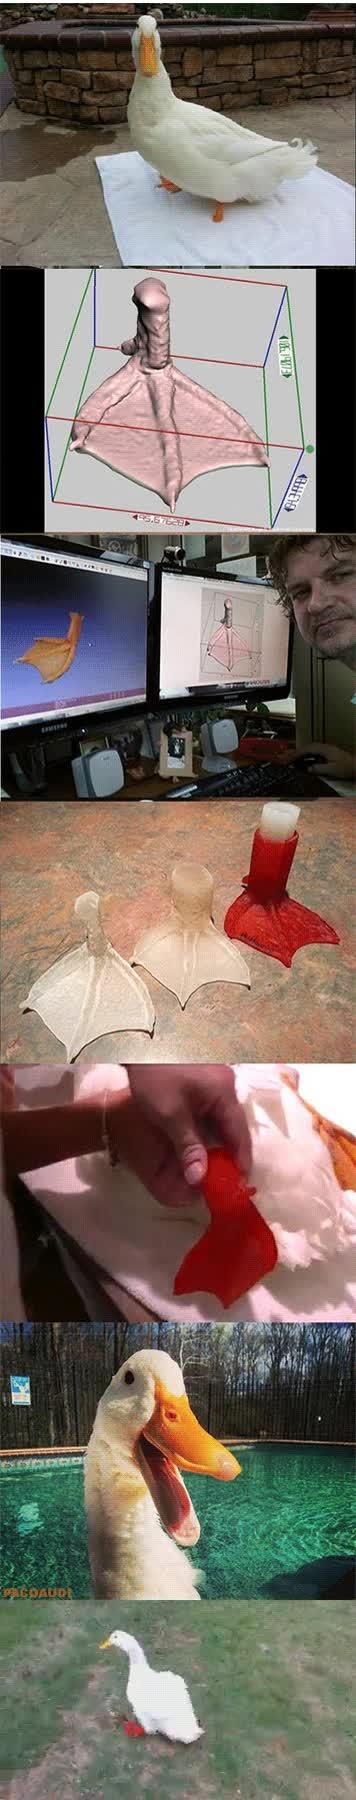 Enlace a La tecnología ha ido bastante lejos, diseño de un pie para un pato hecho con impresora 3D